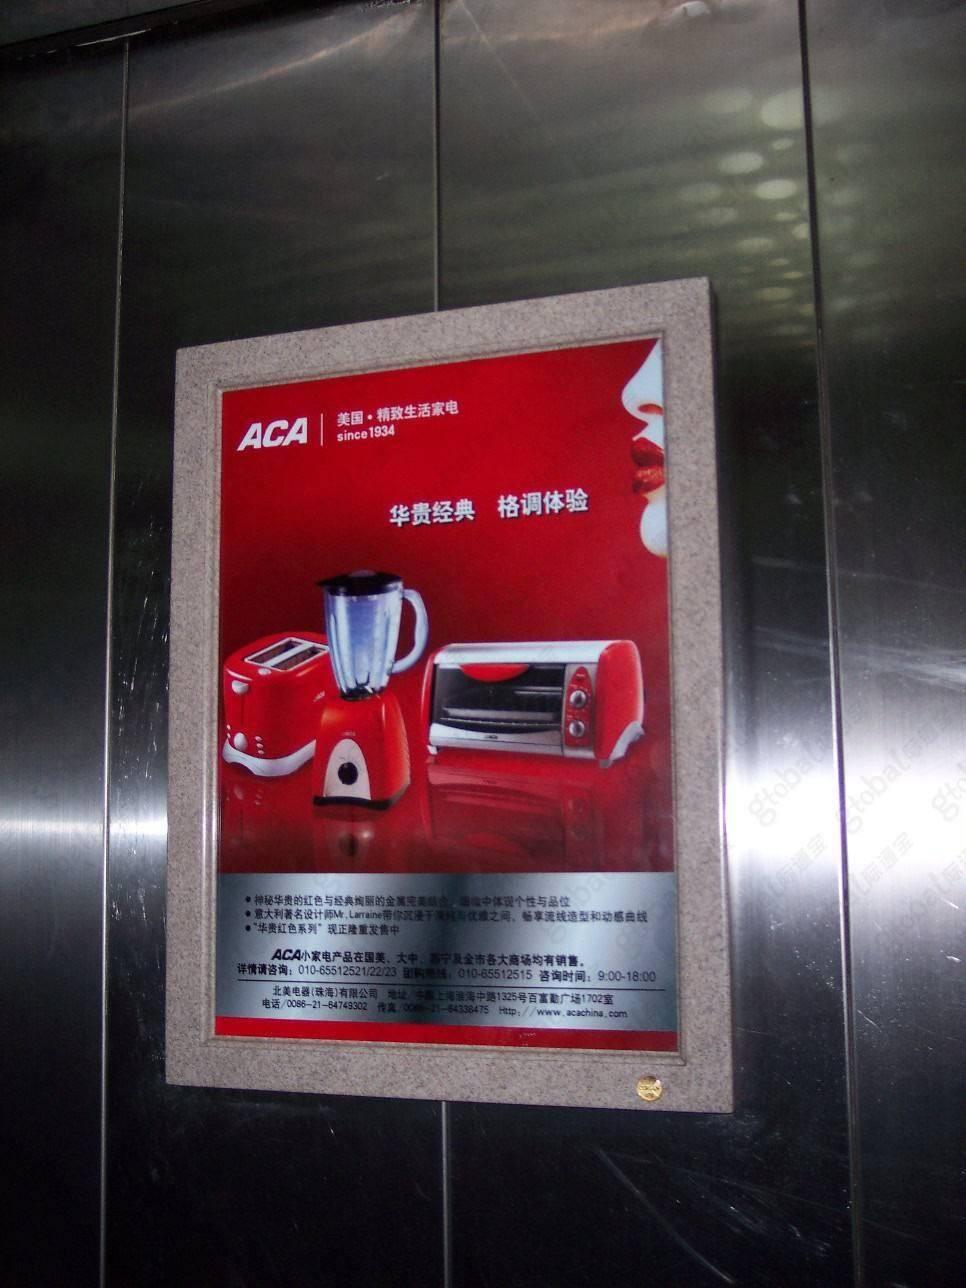 荆门电梯广告公司广告牌框架3.0投放(100框起投)